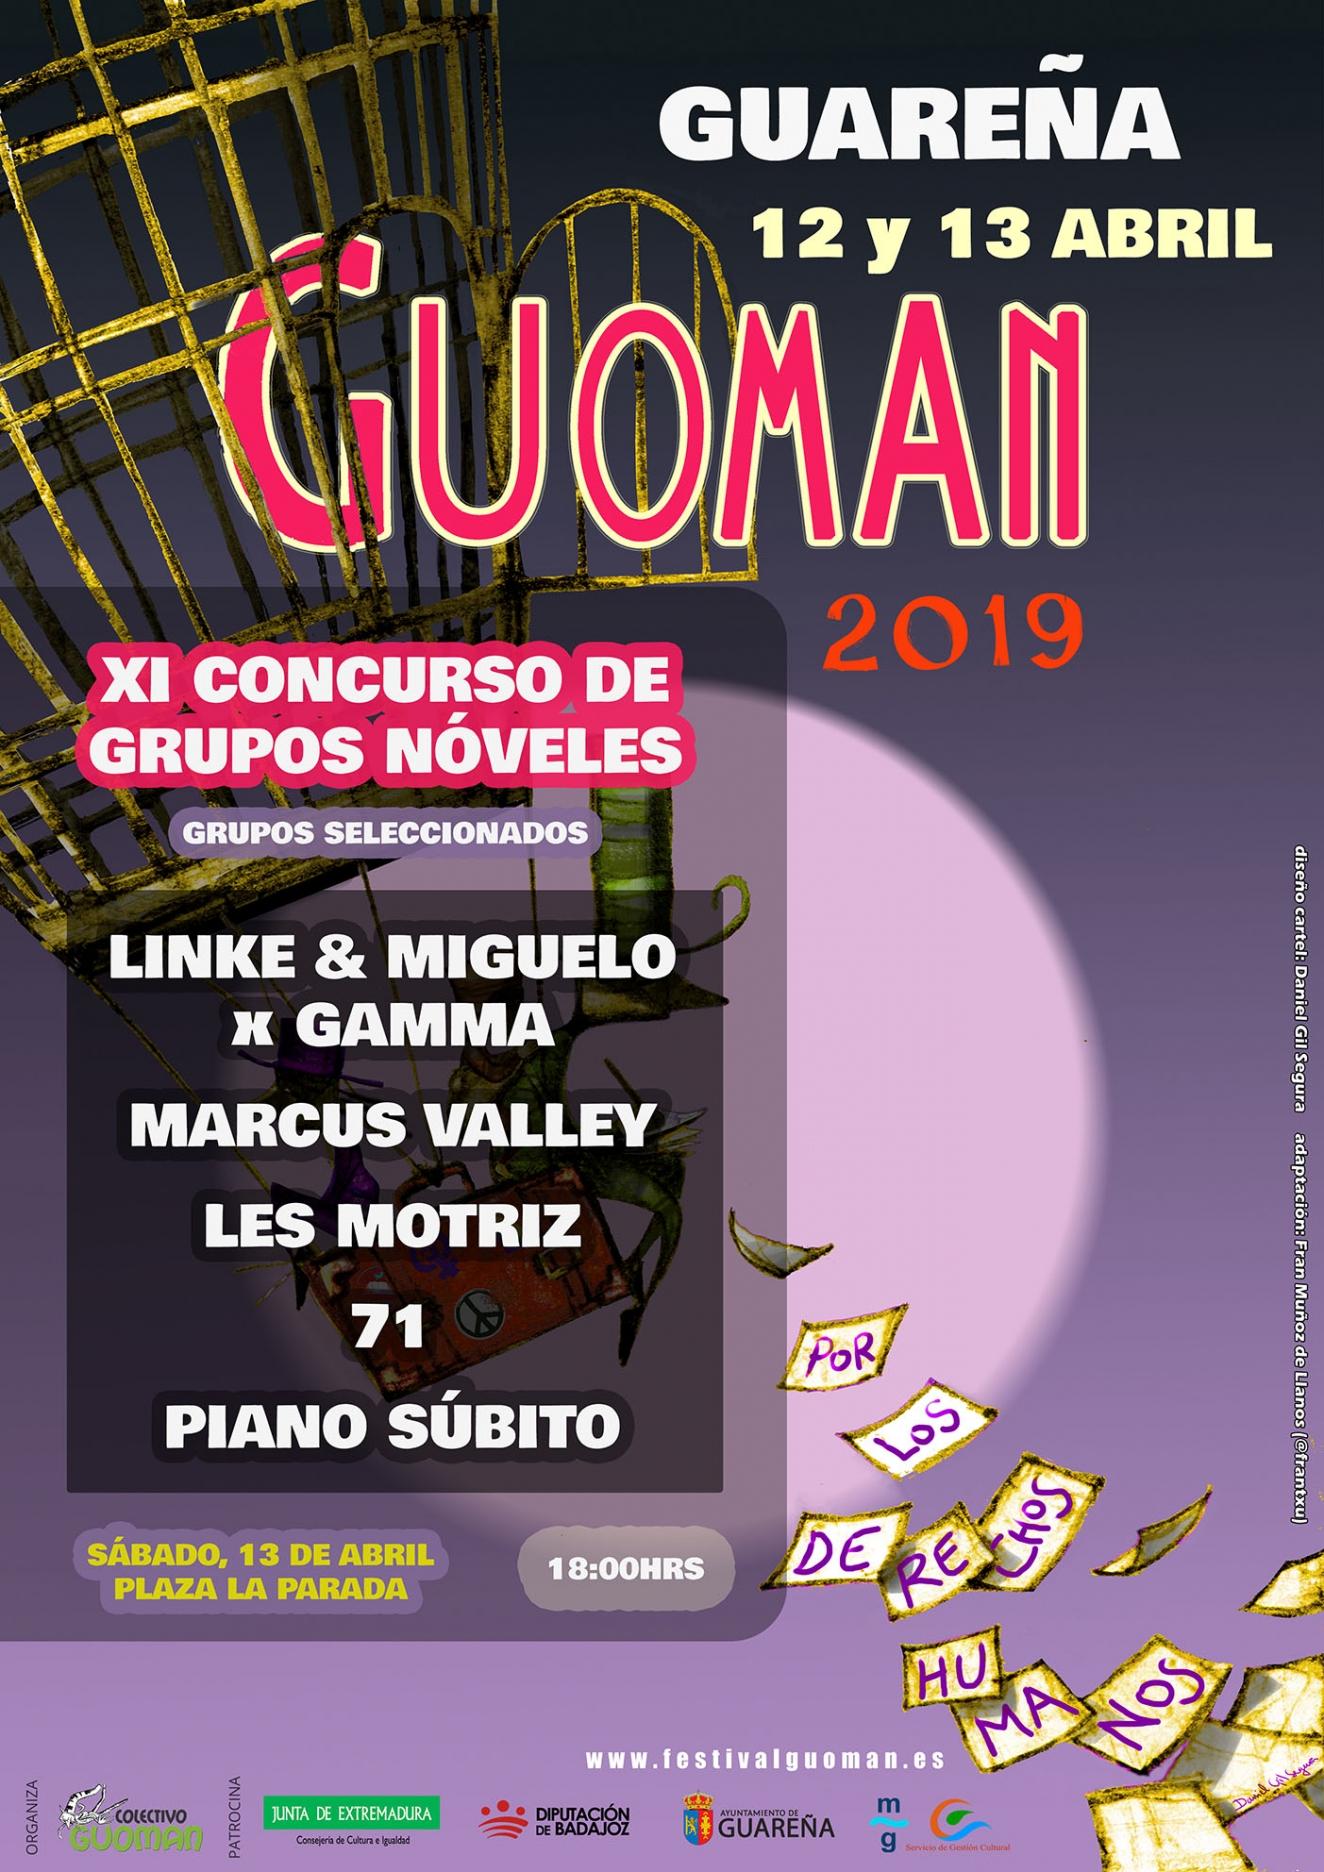 GUOMAN 2019  ||  XI concurso de grupos nóveles